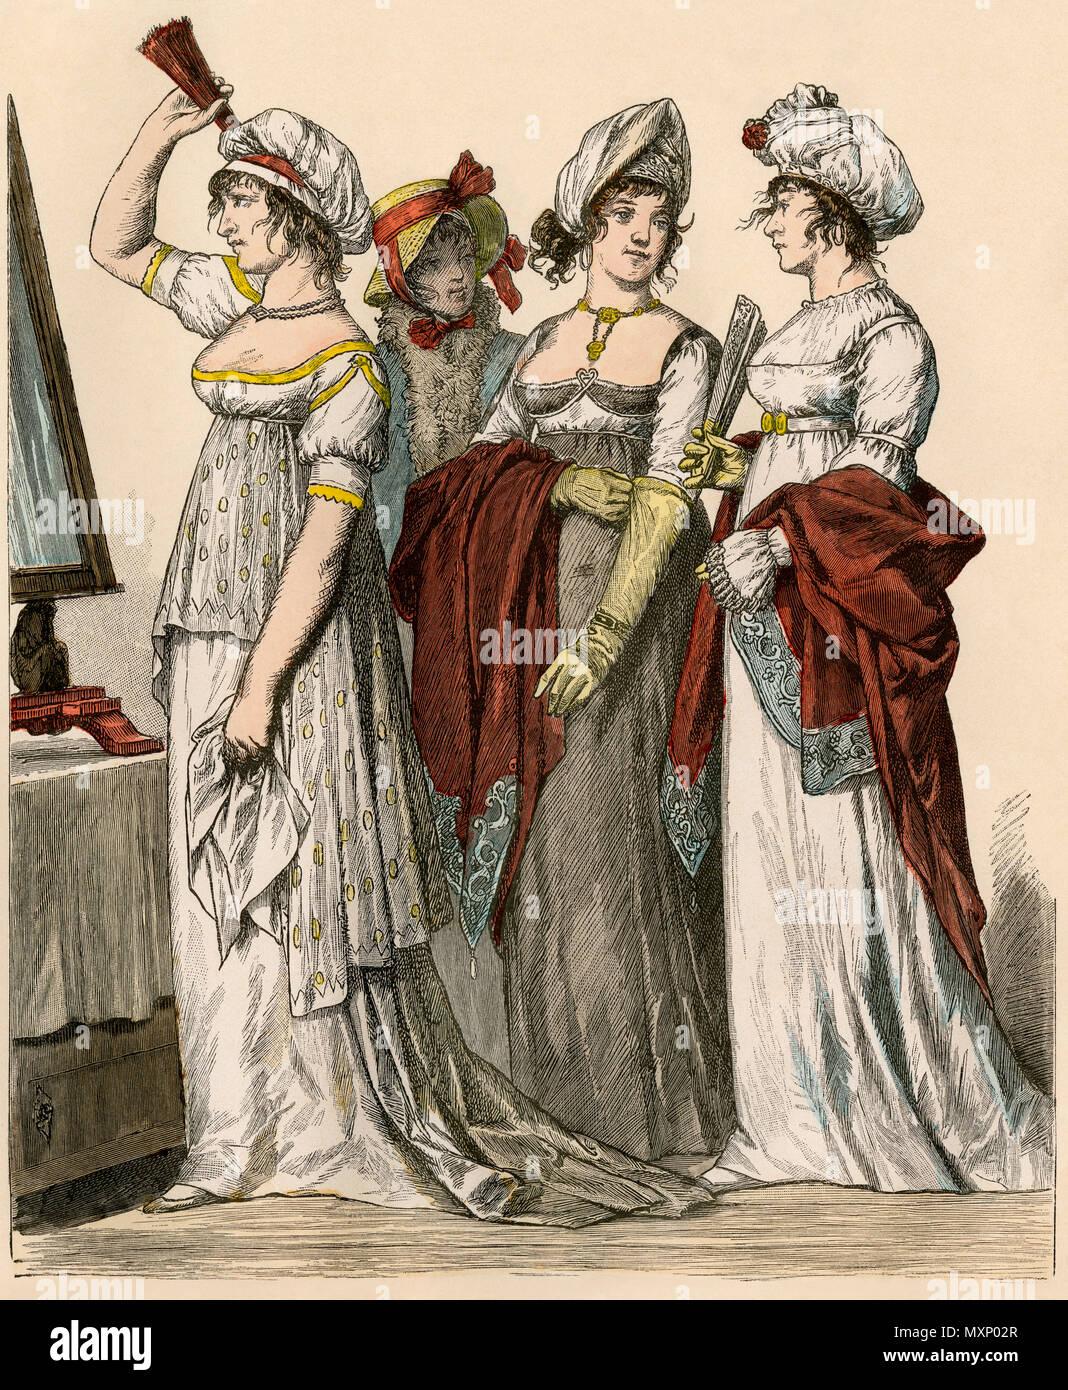 Francés y Alemán damas en trajes de estilo imperio, 1802-1804. Mano de color imprimir Imagen De Stock